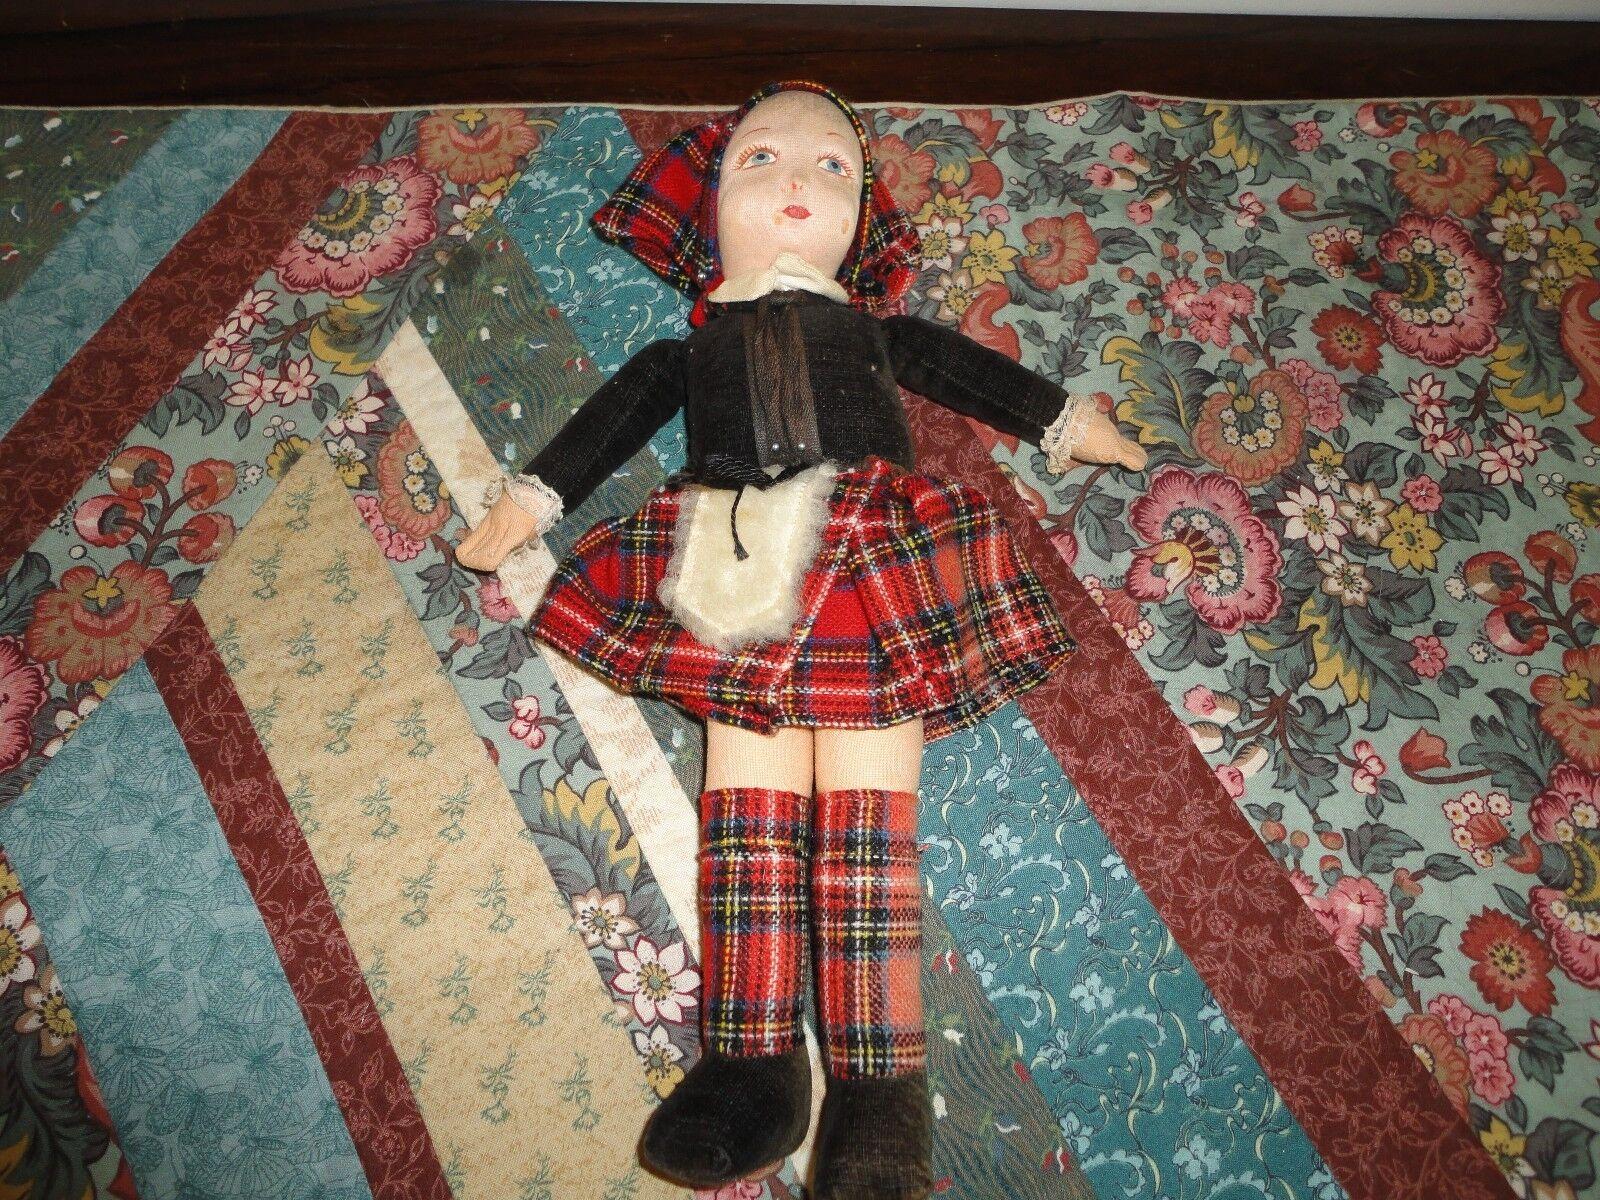 Antiguo Norah Wellings Inglaterra Muñeca De Tela De Terciopelo 12 in (approx. 30.48 cm) Traje Escocés Original